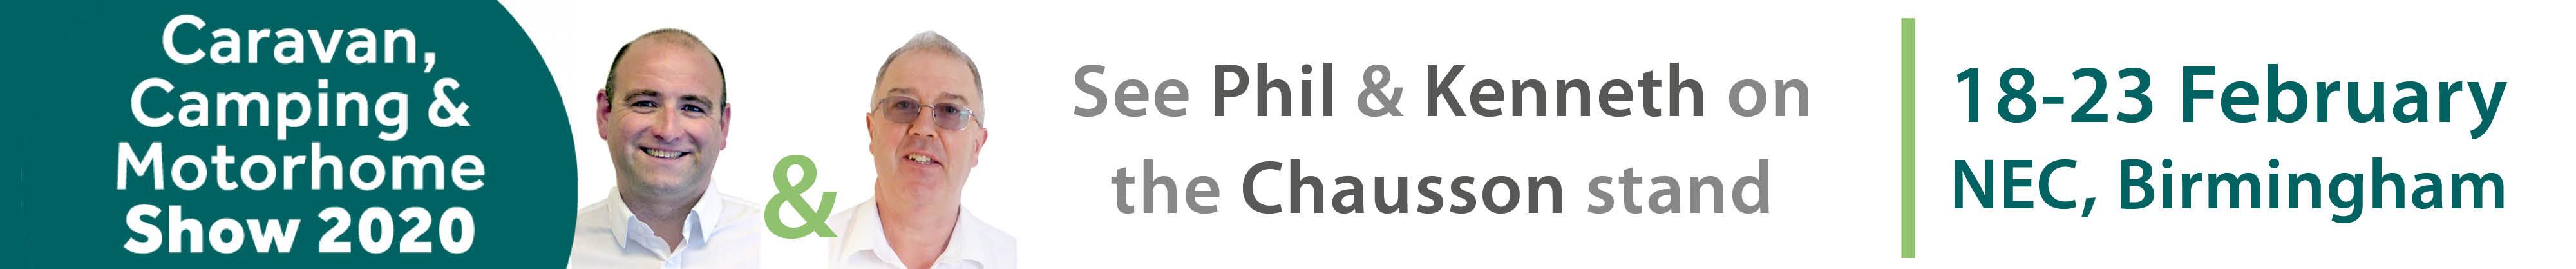 NEC Feb 2020 - Chausson